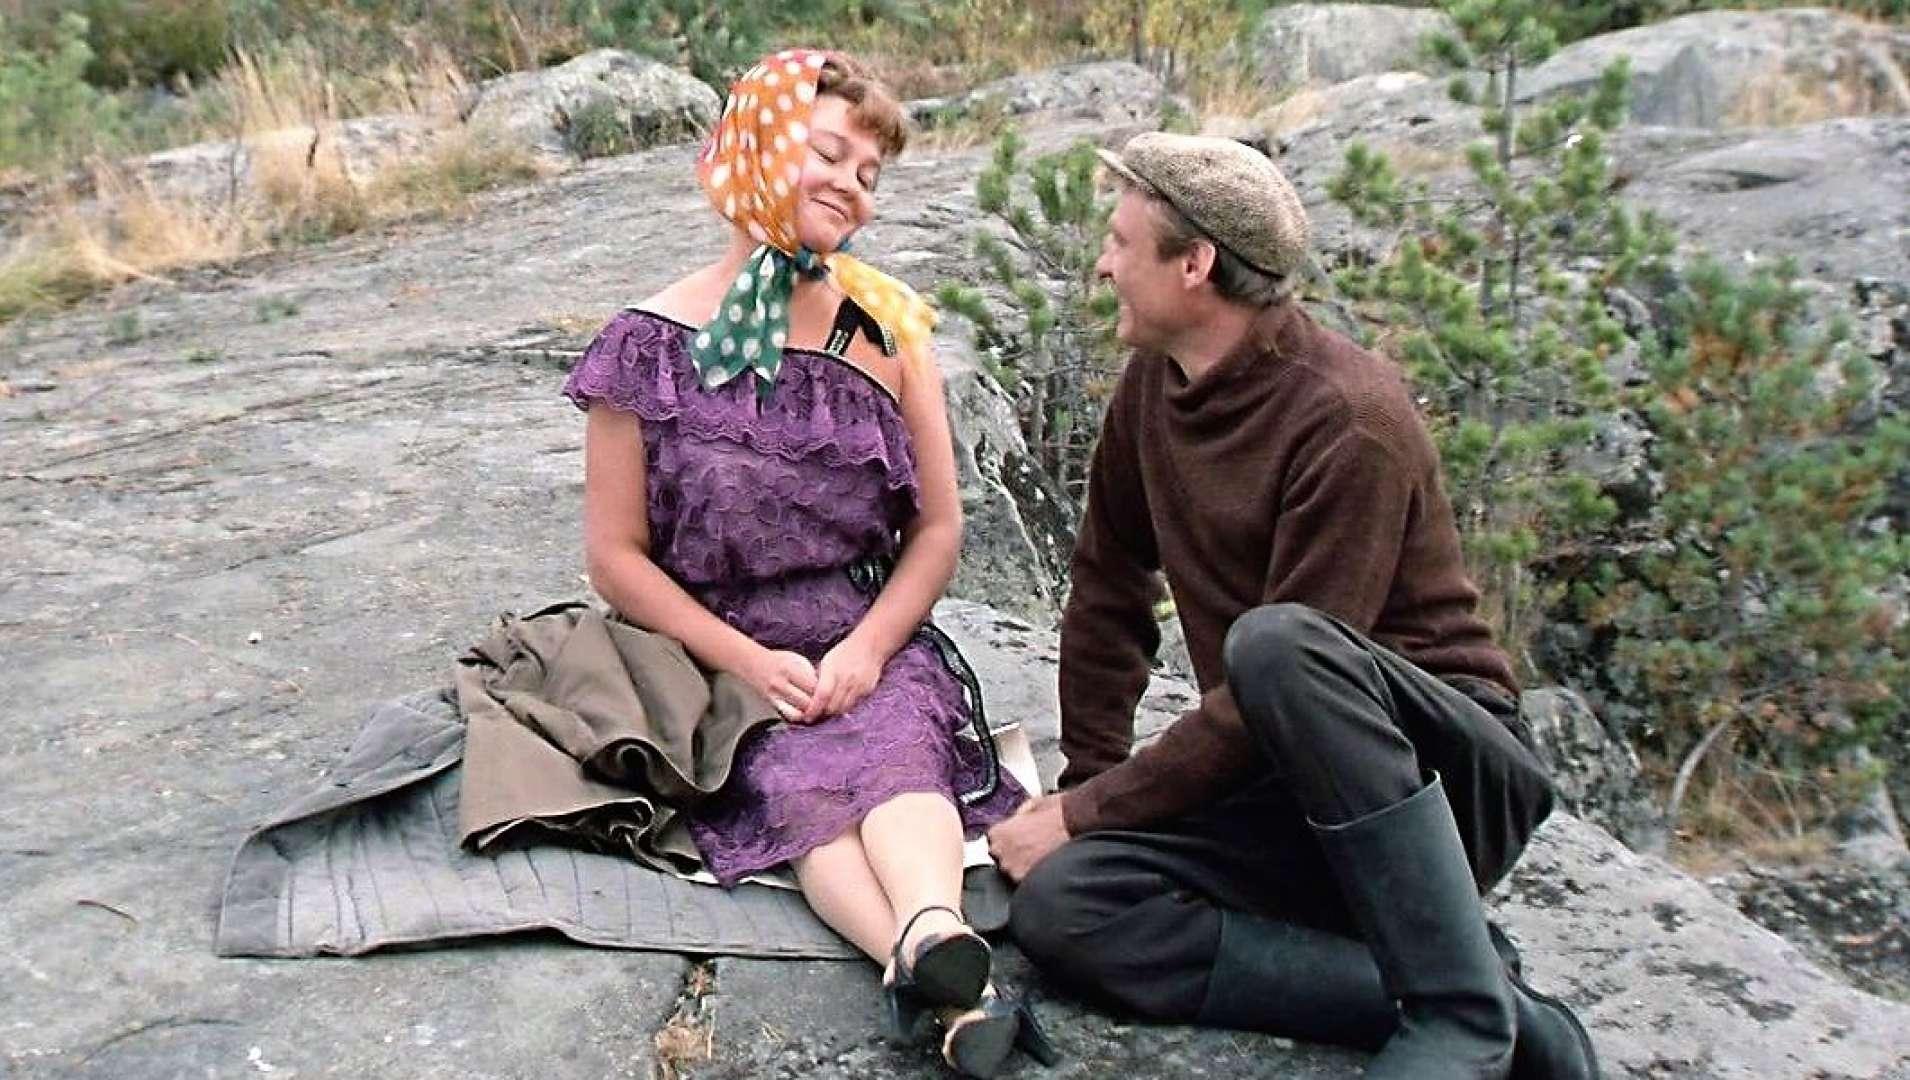 Тест для ценителей: сможете угадать советские фильмы про любовь и деревню по 1 кадру?